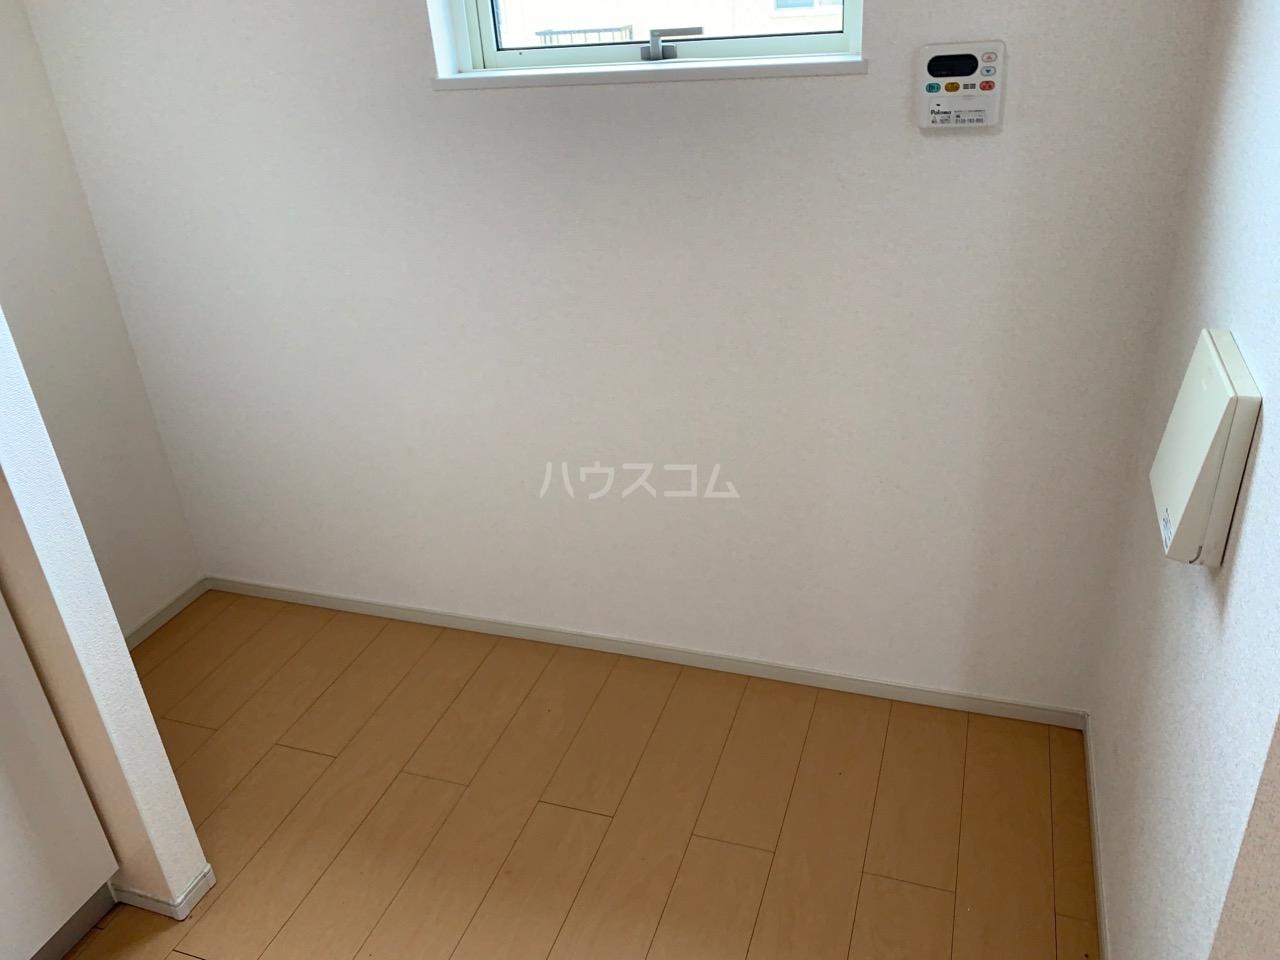 ミルレーヴⅢ 203号室の設備